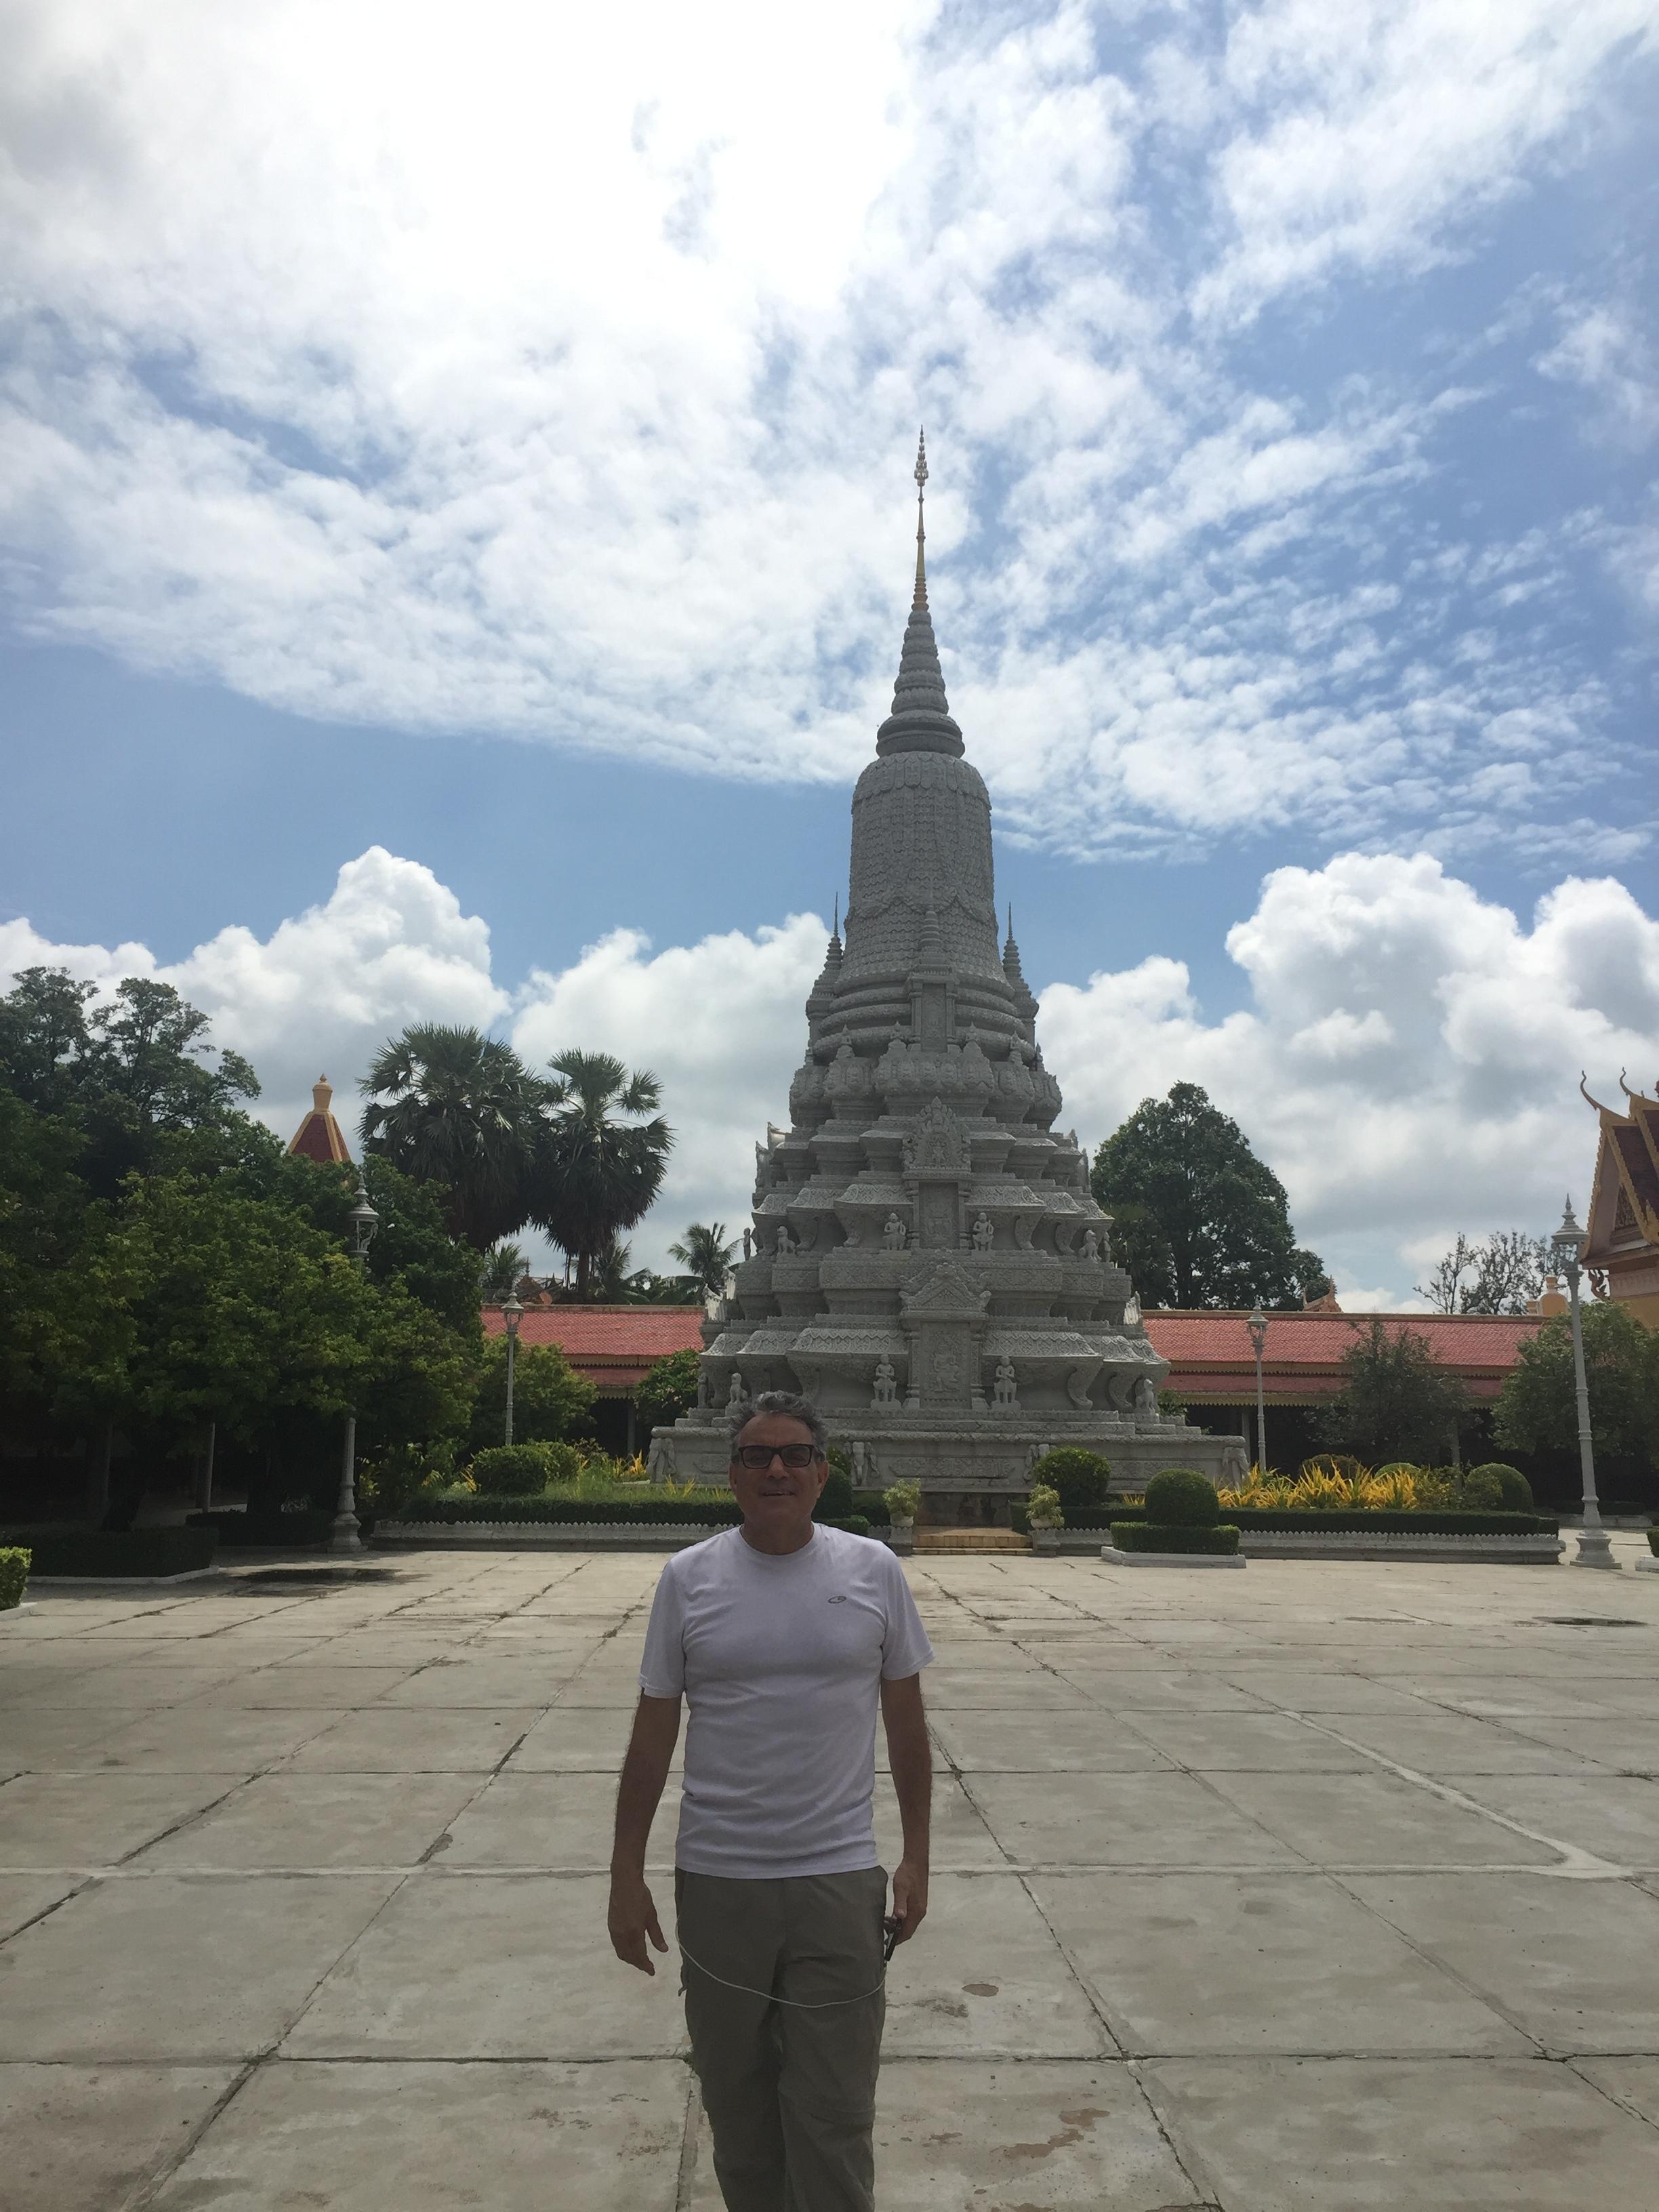 One of many pagoda's